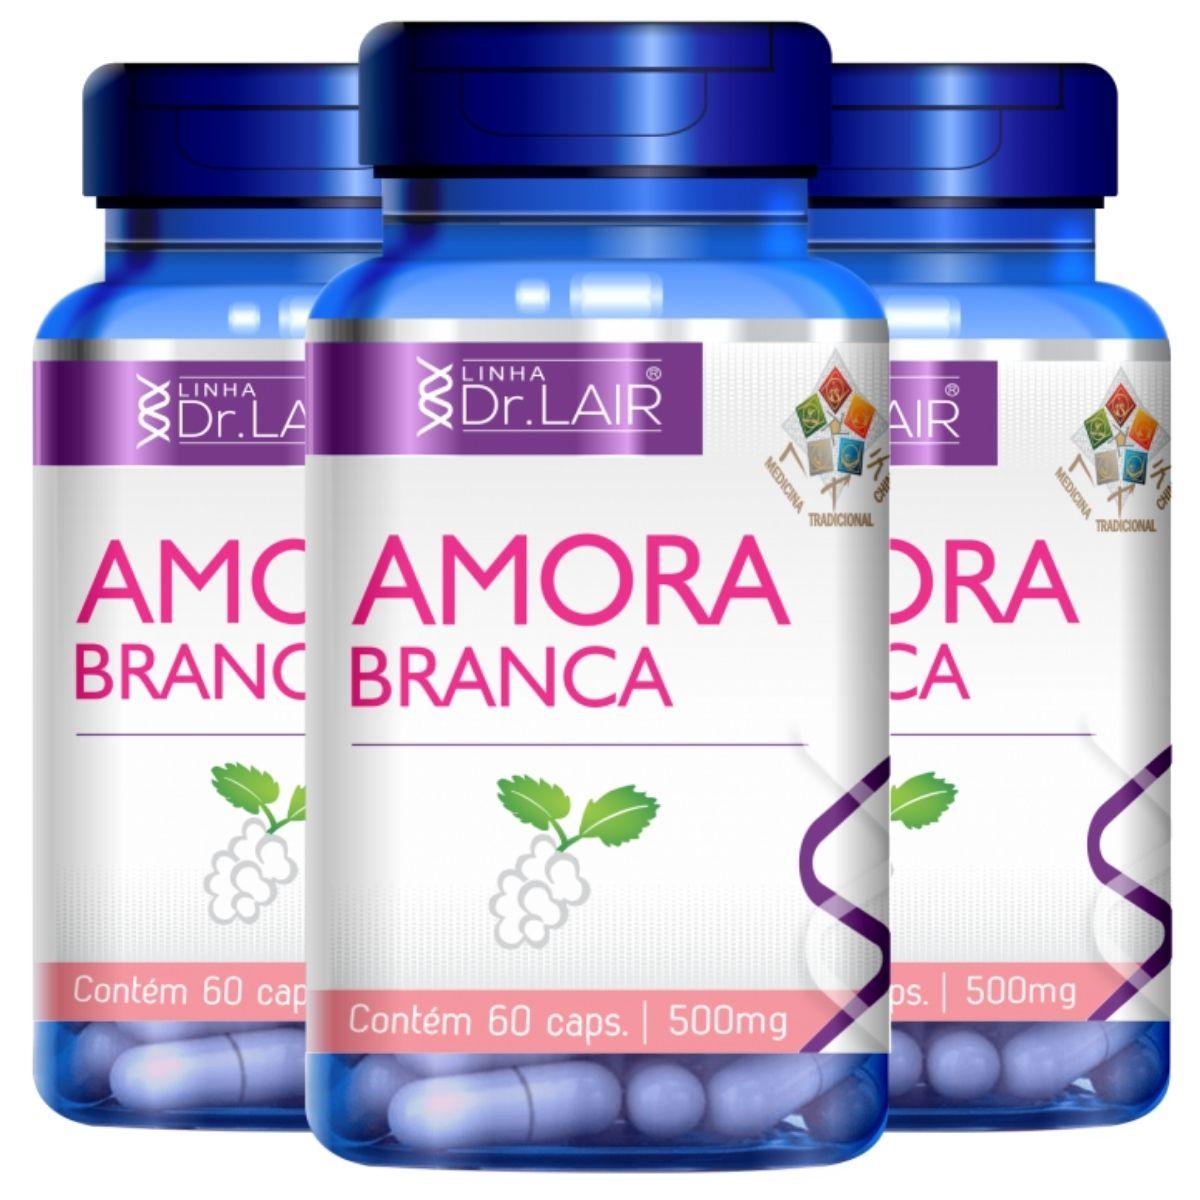 Kit 3 Amora Branca Vitaminas e Minerais 60 Cápsulas 500mg Dr. Lair - Upnutri